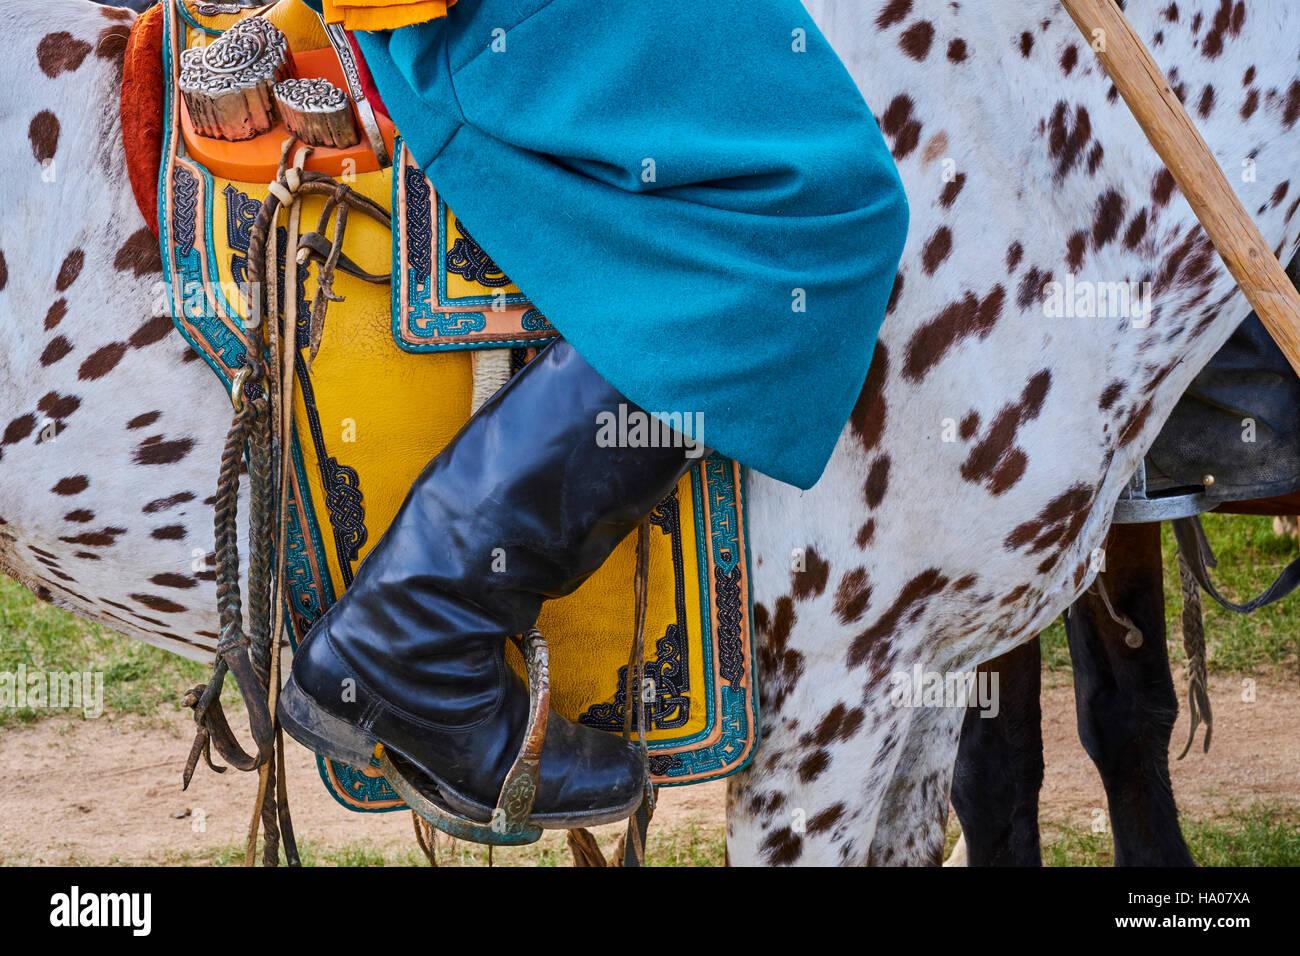 Mongolia, Bayankhongor province, a saddle decorated Stock Photo